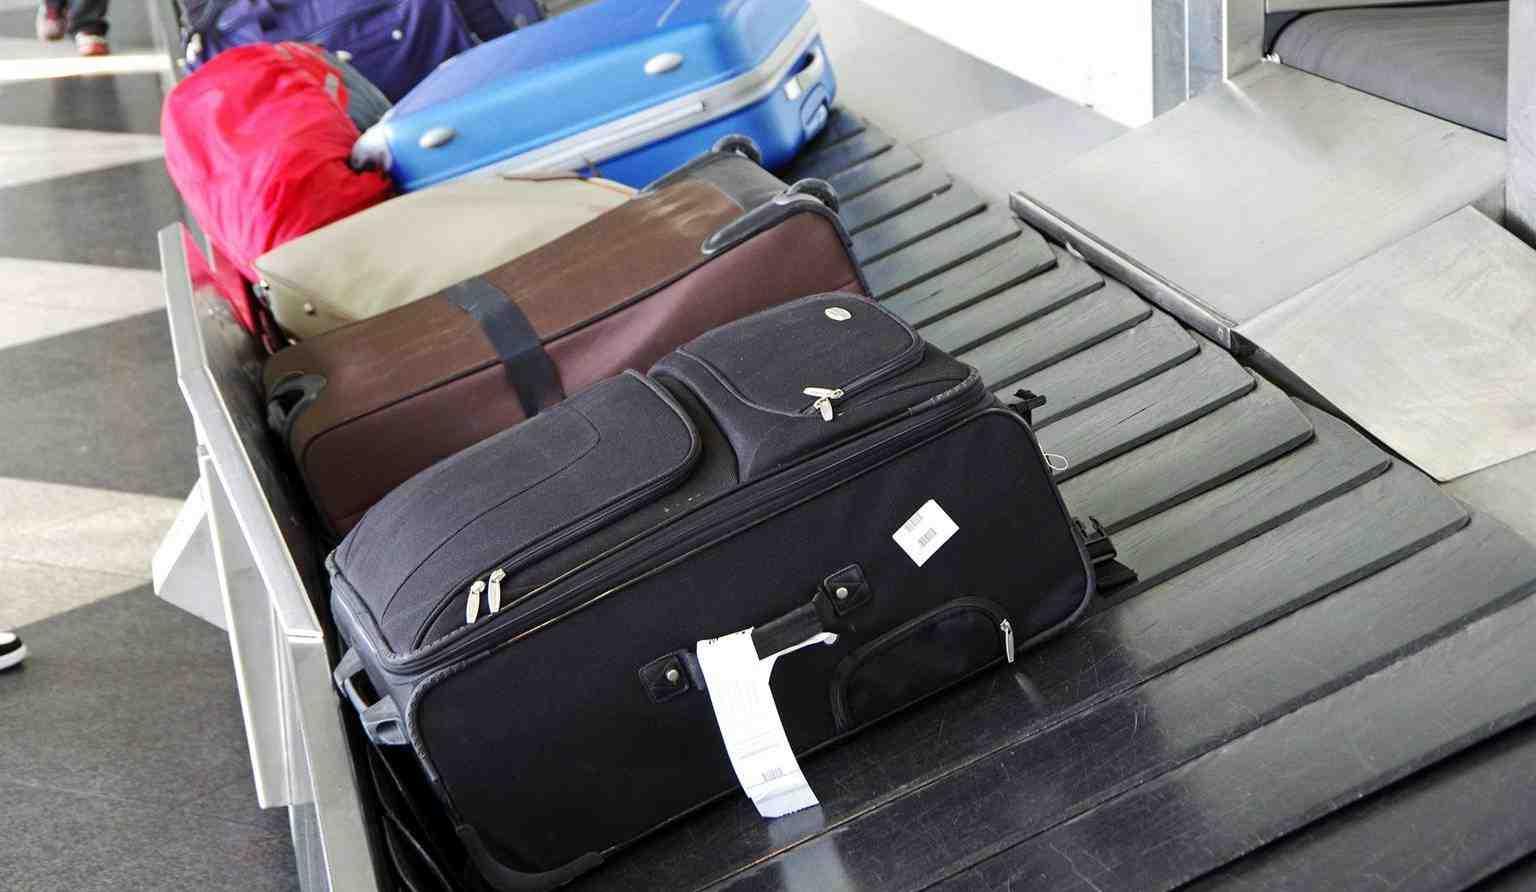 Quelle taille de valise pour 23 kg?